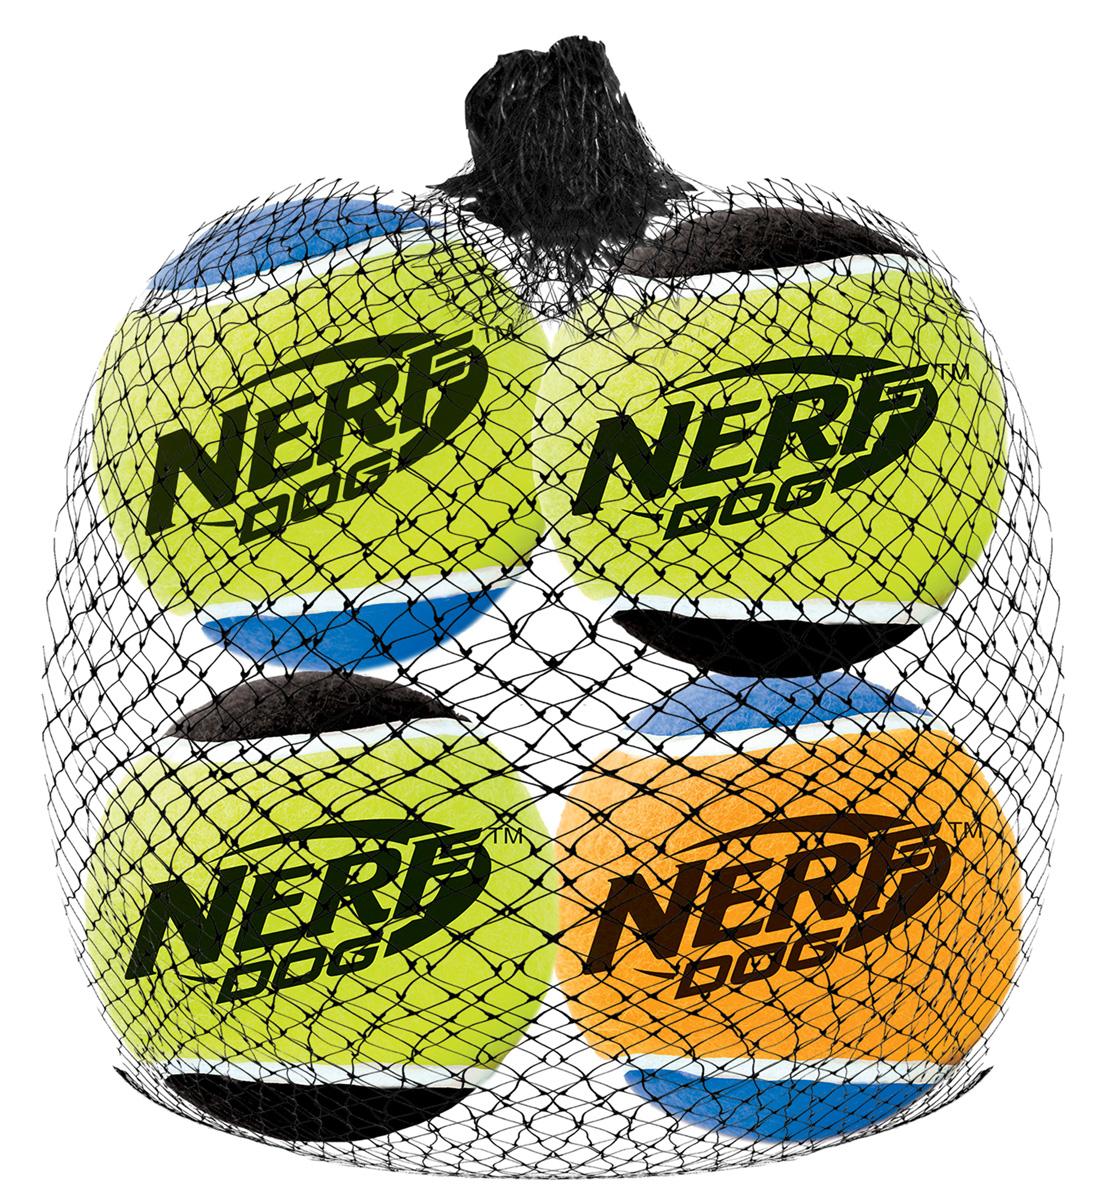 Игрушка для собак Nerf Мяч теннисный, пищащий, диаметр 4,5 см, 4 шт18630Мячи теннисные (4 шт.) из прочной высококачественной резины! Оснащены пищалкой! Яркие привлекательные цвета! Оптимальный вариант для игры с вашим питомцем! Игрушки Nerf Dog представлены в различных сериях в зависимости от рисунка, фактуры и материала, из которого они изготовлены (резина, ТПР, нейлон, пластик, каучук). Размер: 4,5 см, XS.